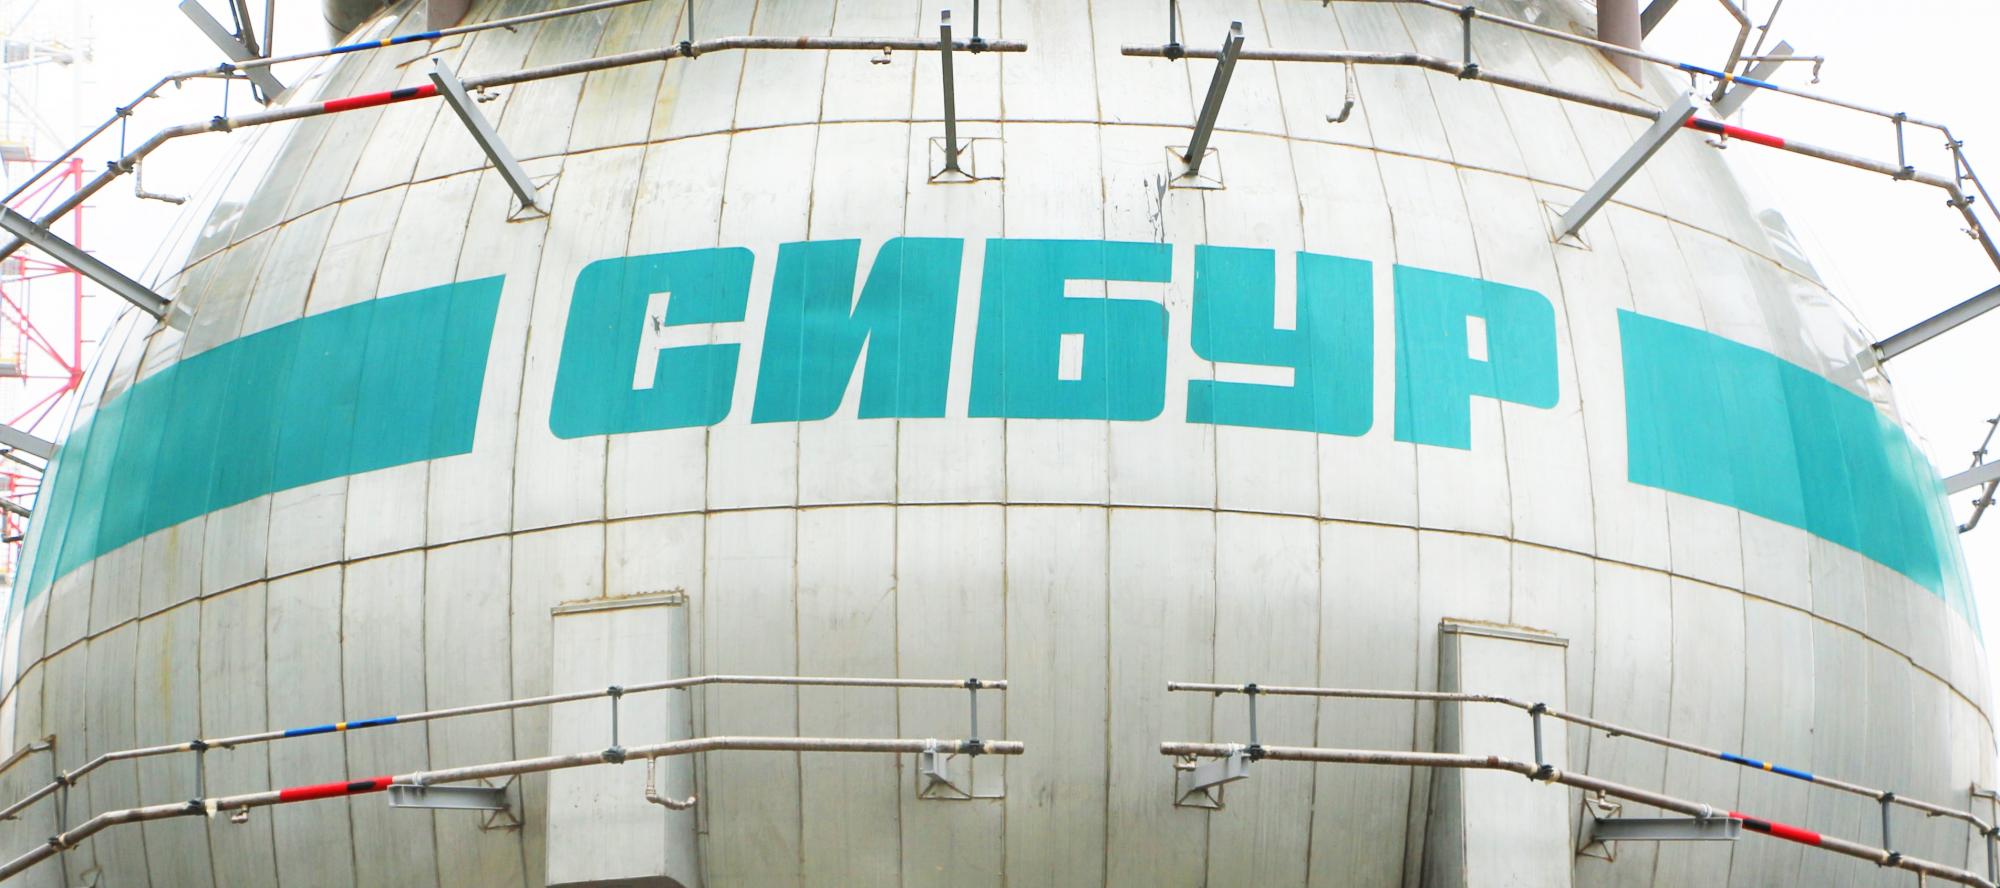 СИБУР в 1-м квартале 2021 г. получил 42,8 млрд руб. чистой прибыли по МСФО против убытка годом ранее